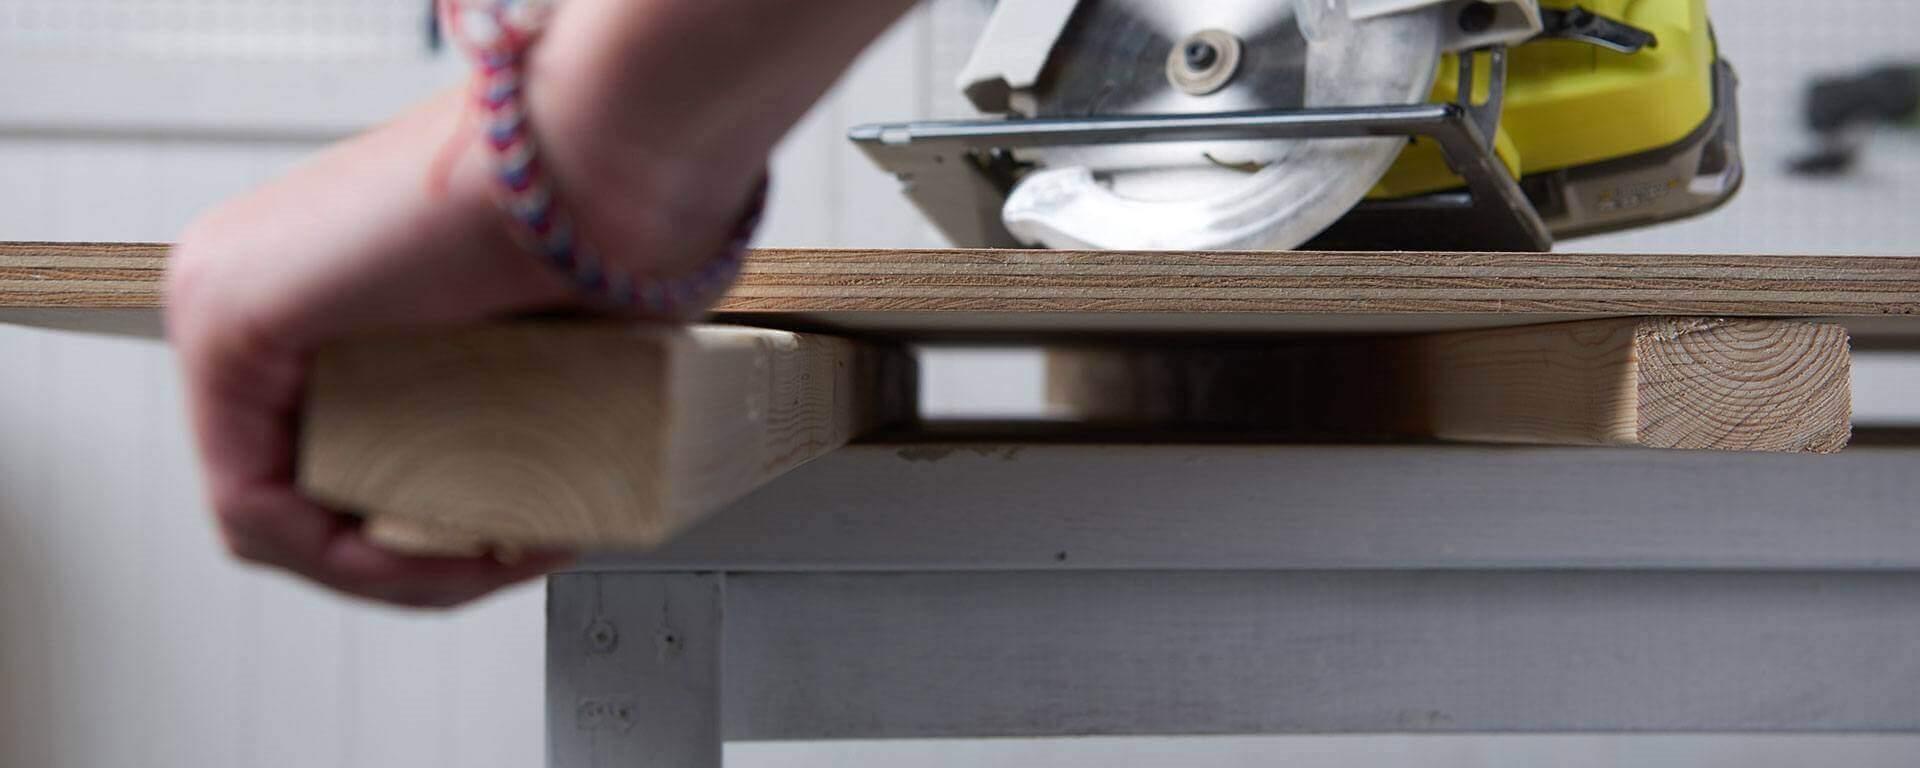 Construire Un Etabli Multifonction comment couper une planche en bois sur votre établi en